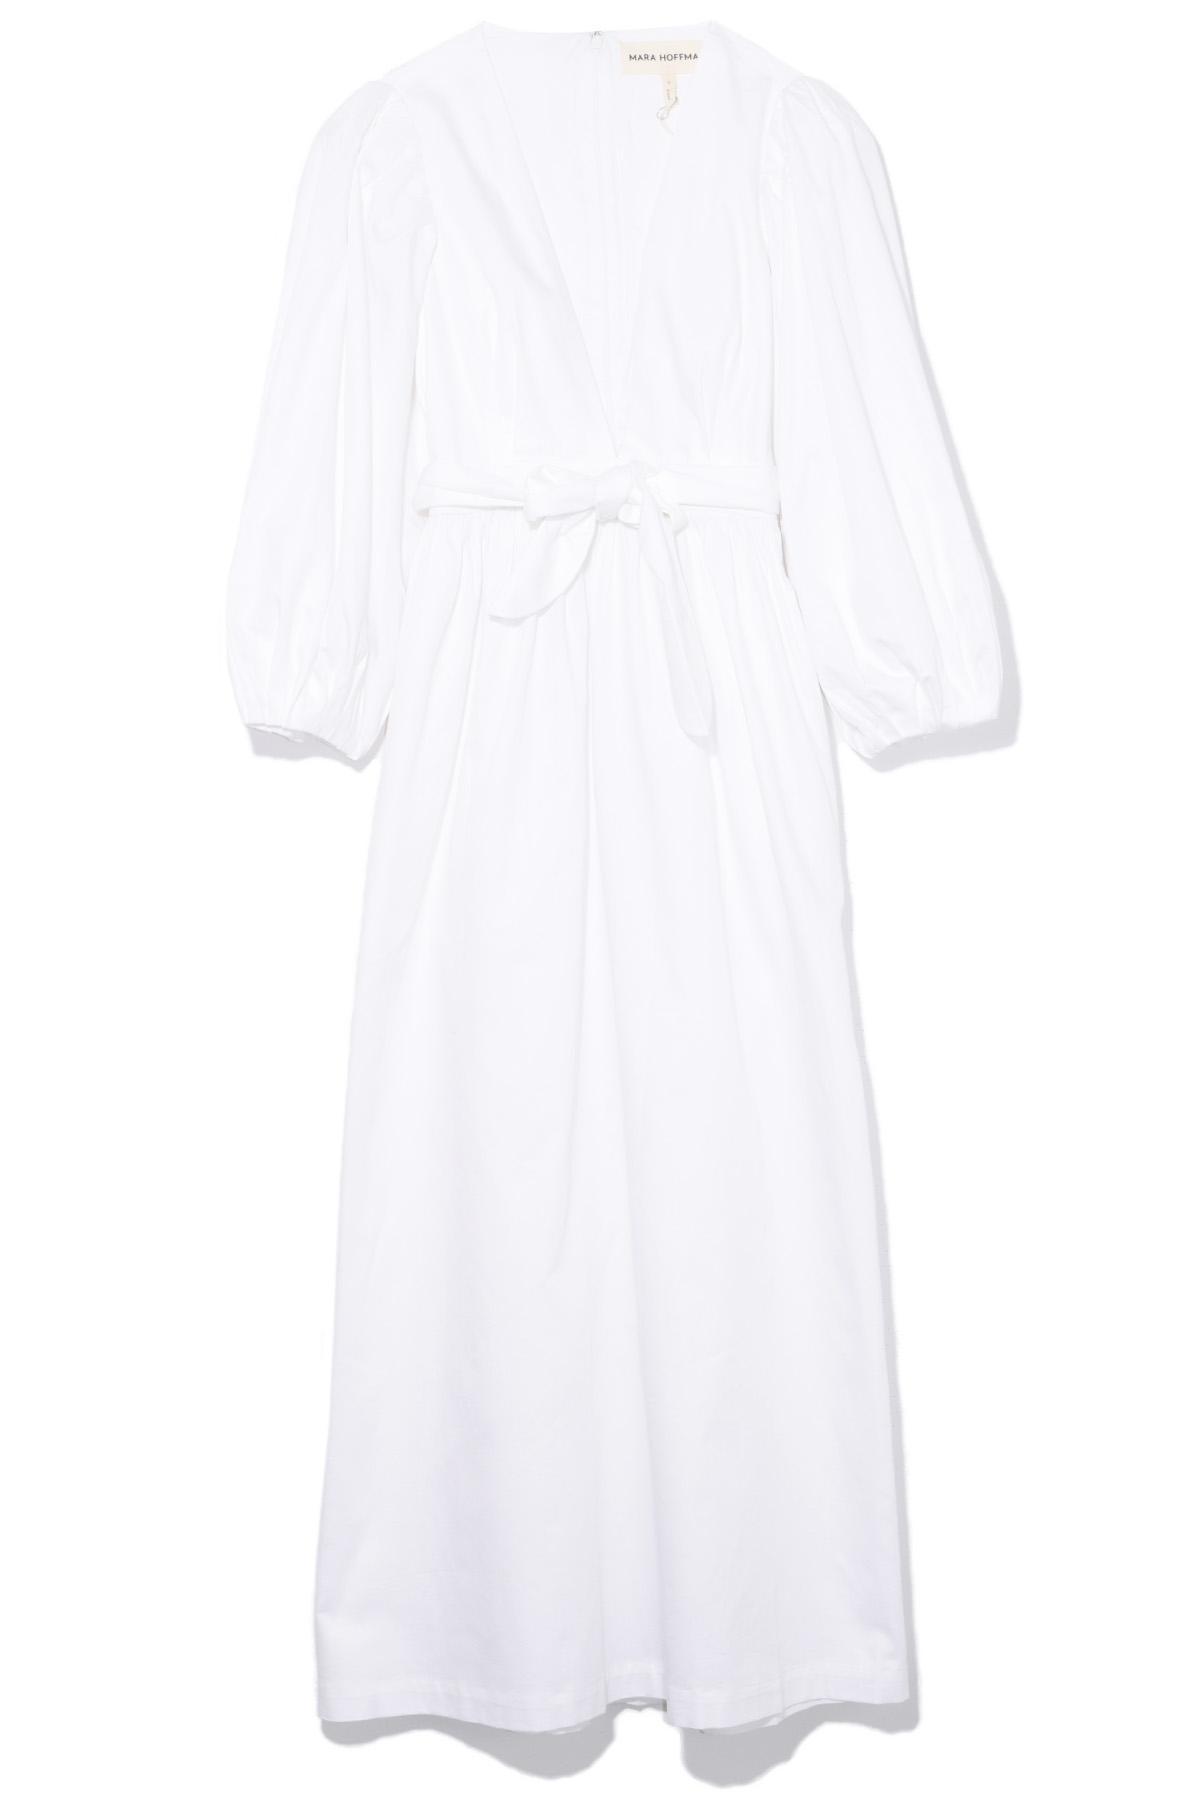 cbd89ad287 Lyst - Mara Hoffman Maisie Dress In White in White